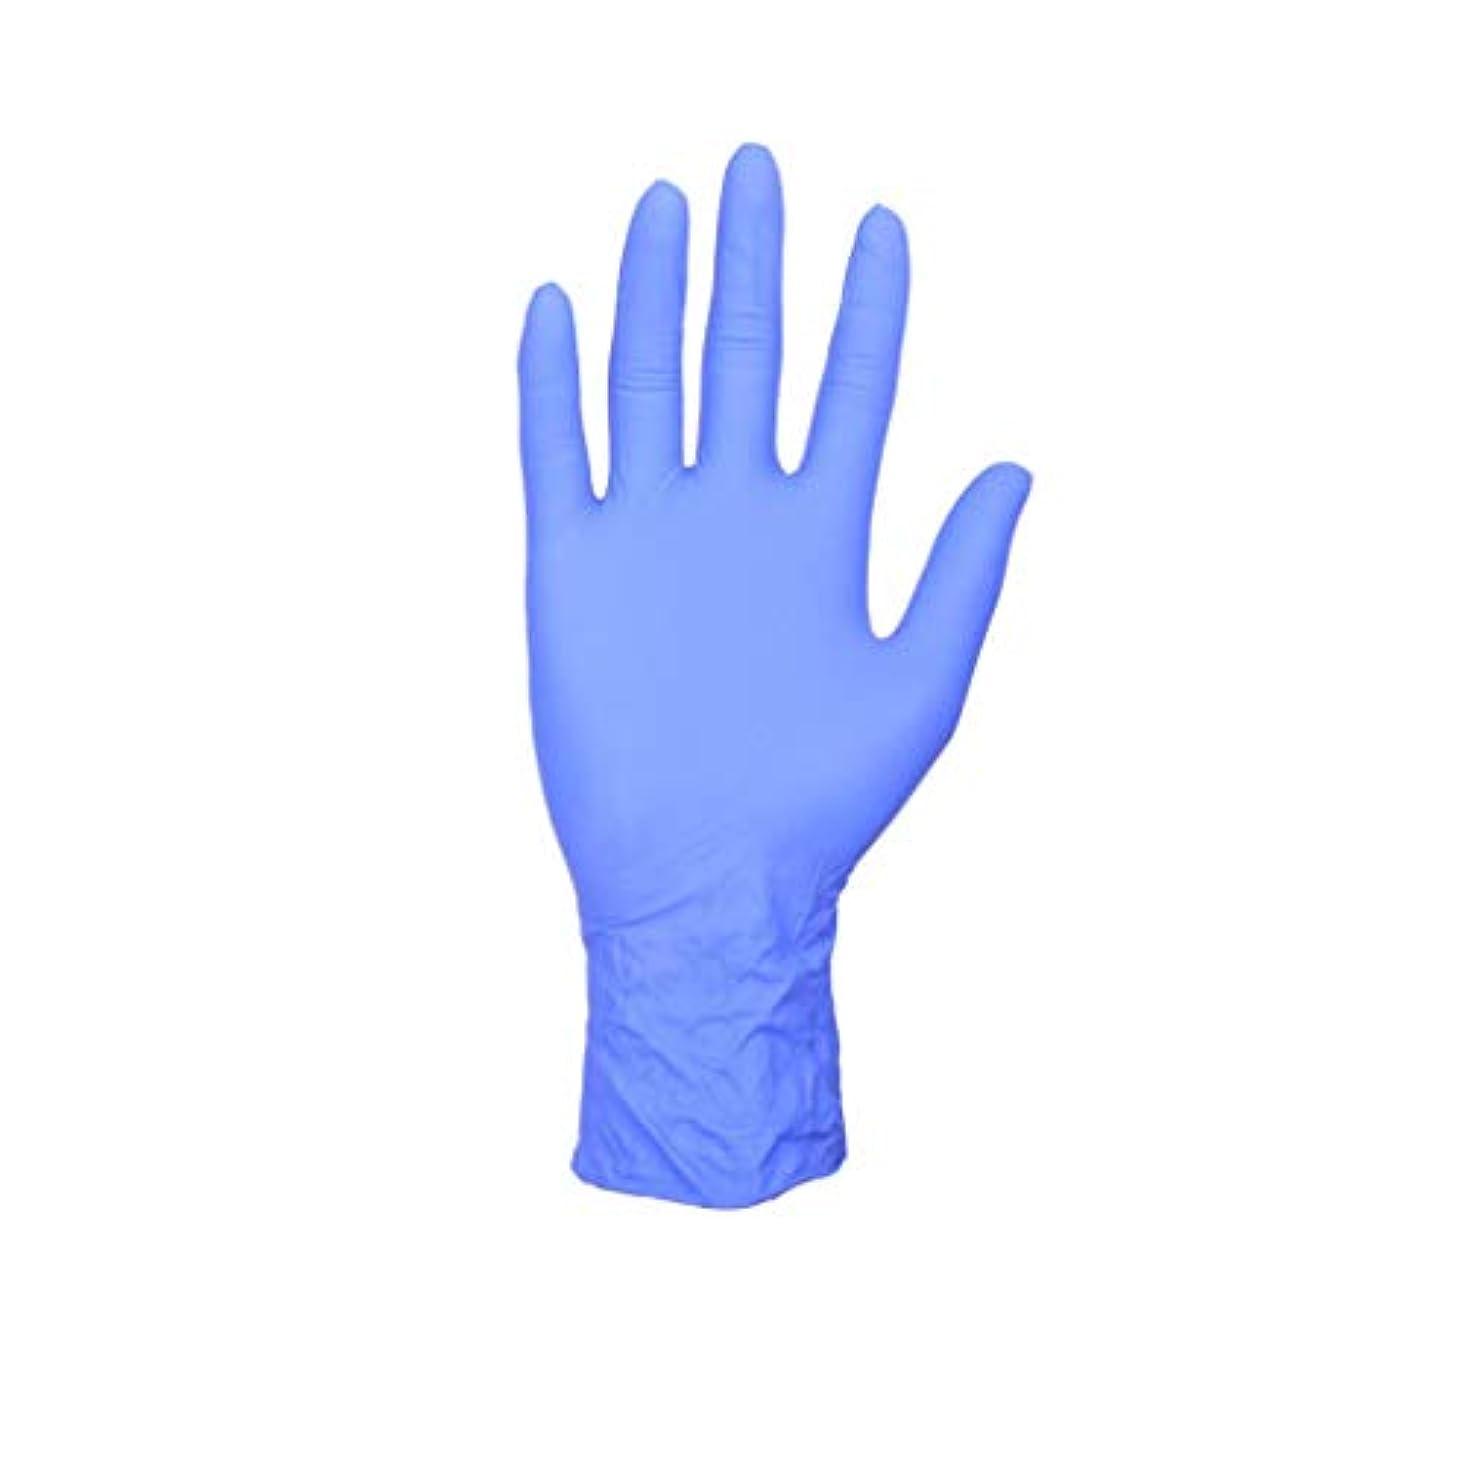 検出震える責手袋、使い捨てゴム手袋、検査、丁清手袋、油と静電気防止手袋、ラテックス手袋100ペア。 (サイズ さいず : L l, UnitCount : 100 pairs)